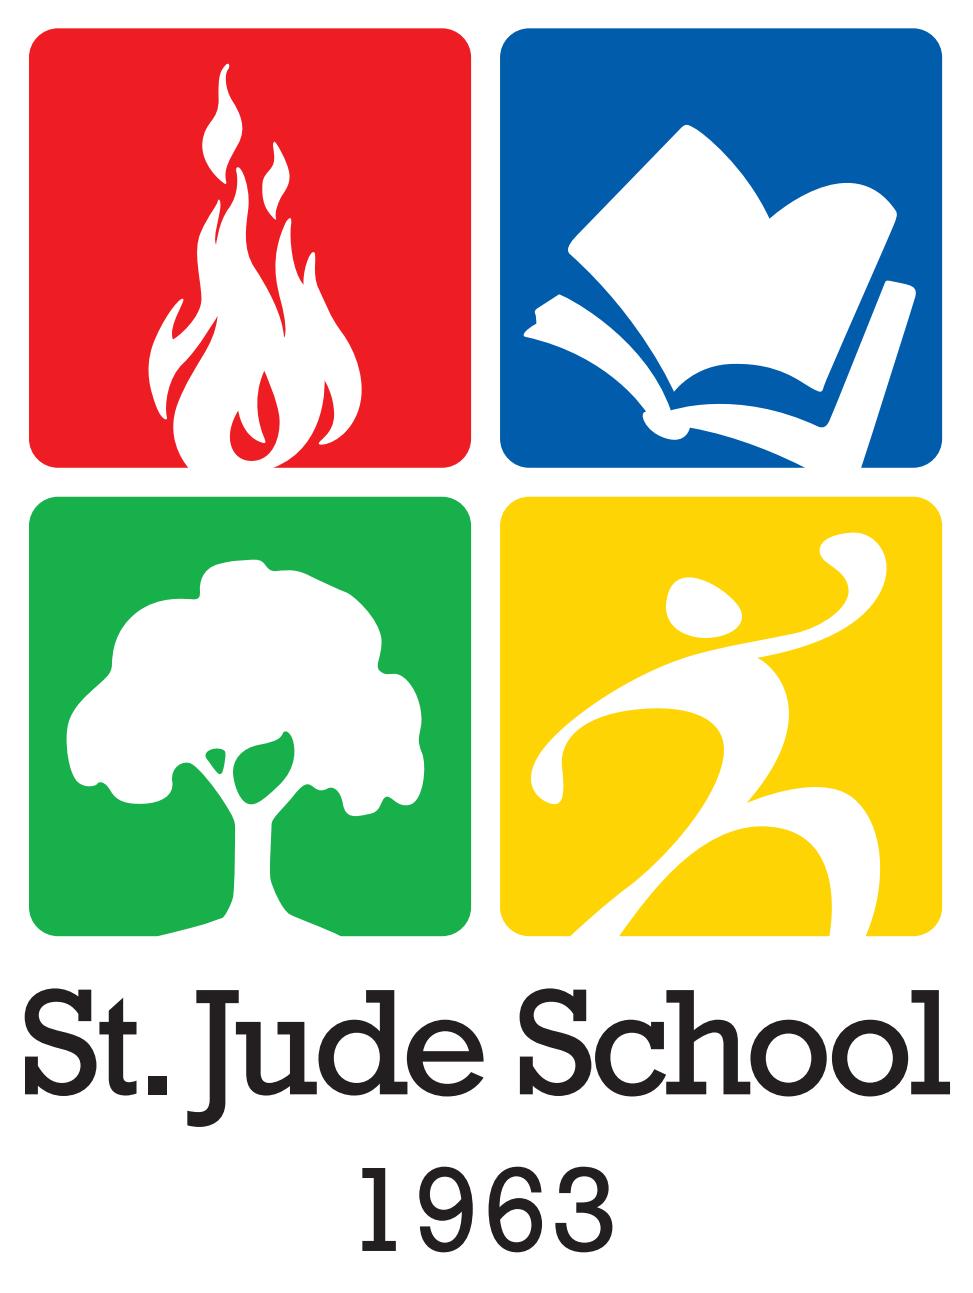 St. Jude School.PNG